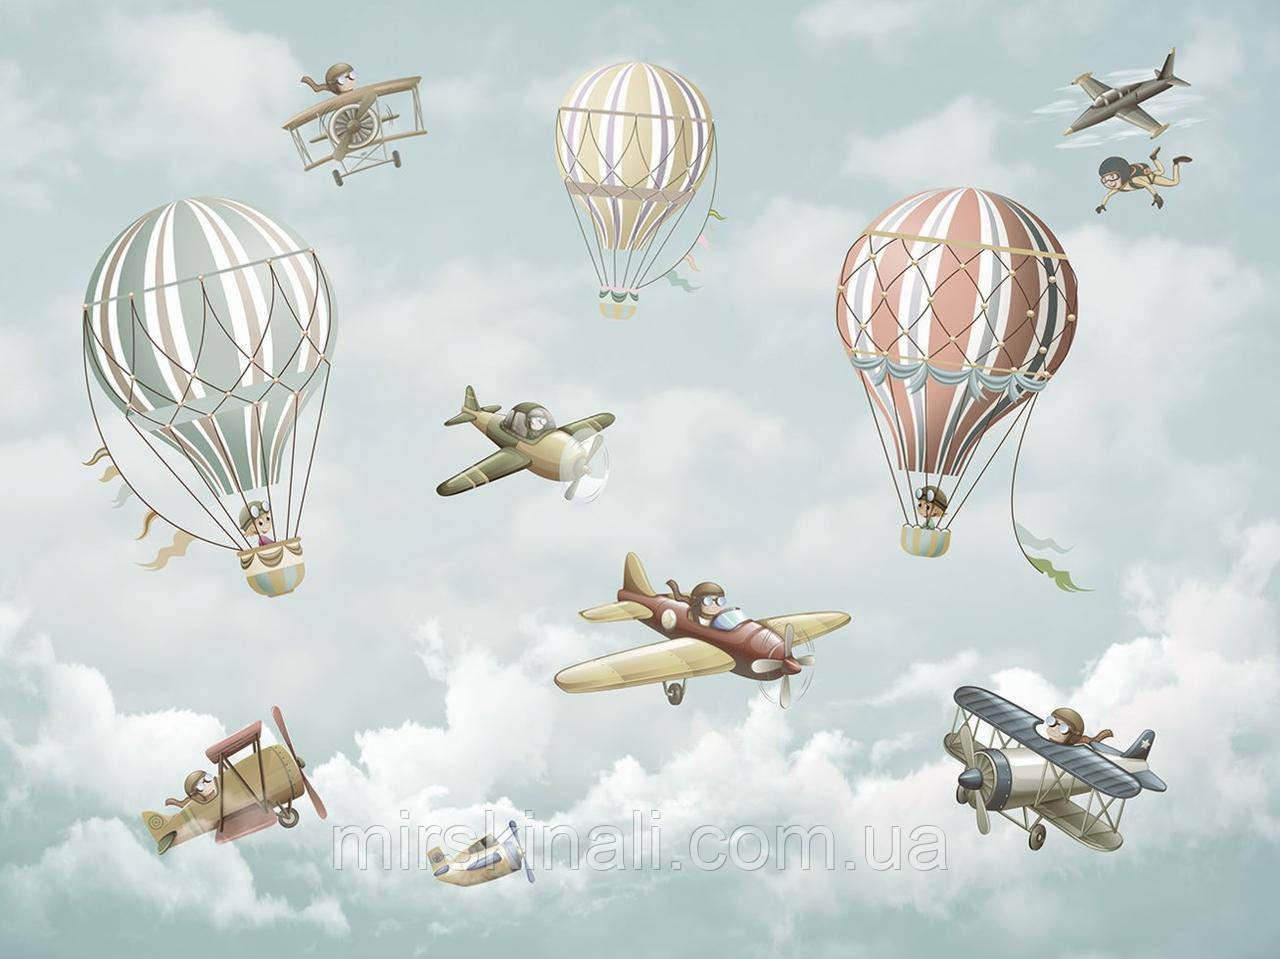 Діти на кулях і літаках 2